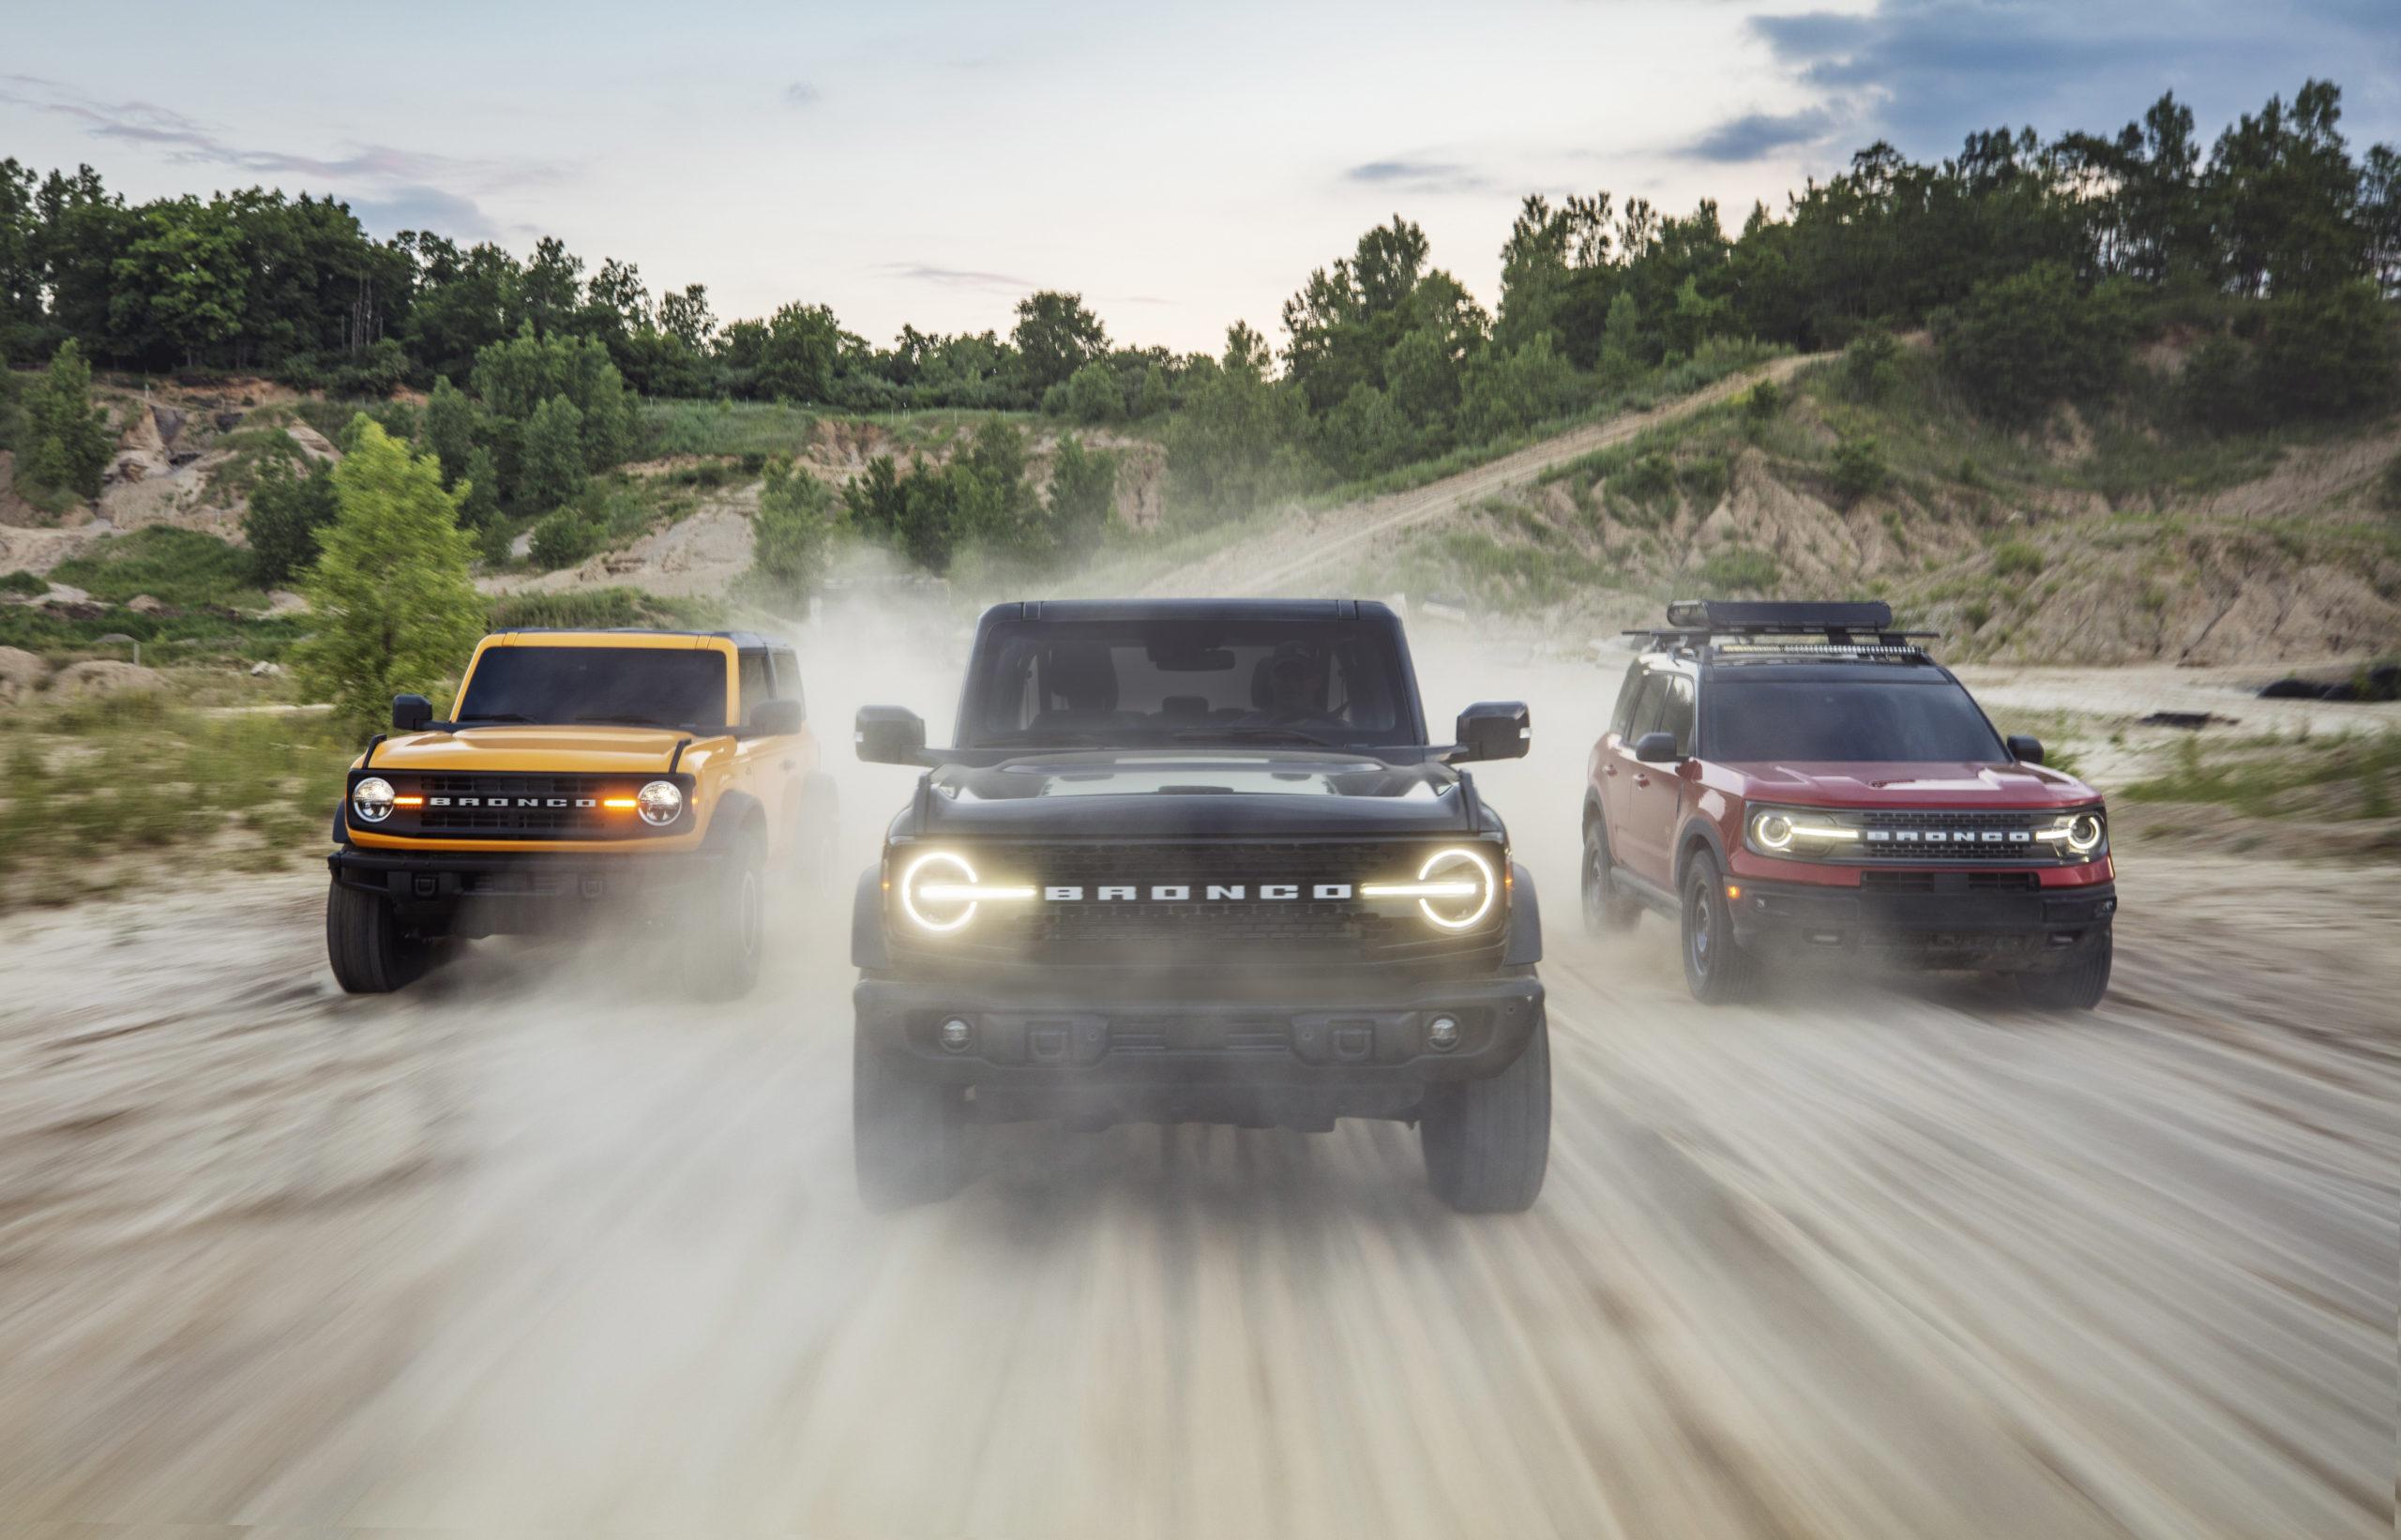 Omslagsbild med alla Ford Bronco